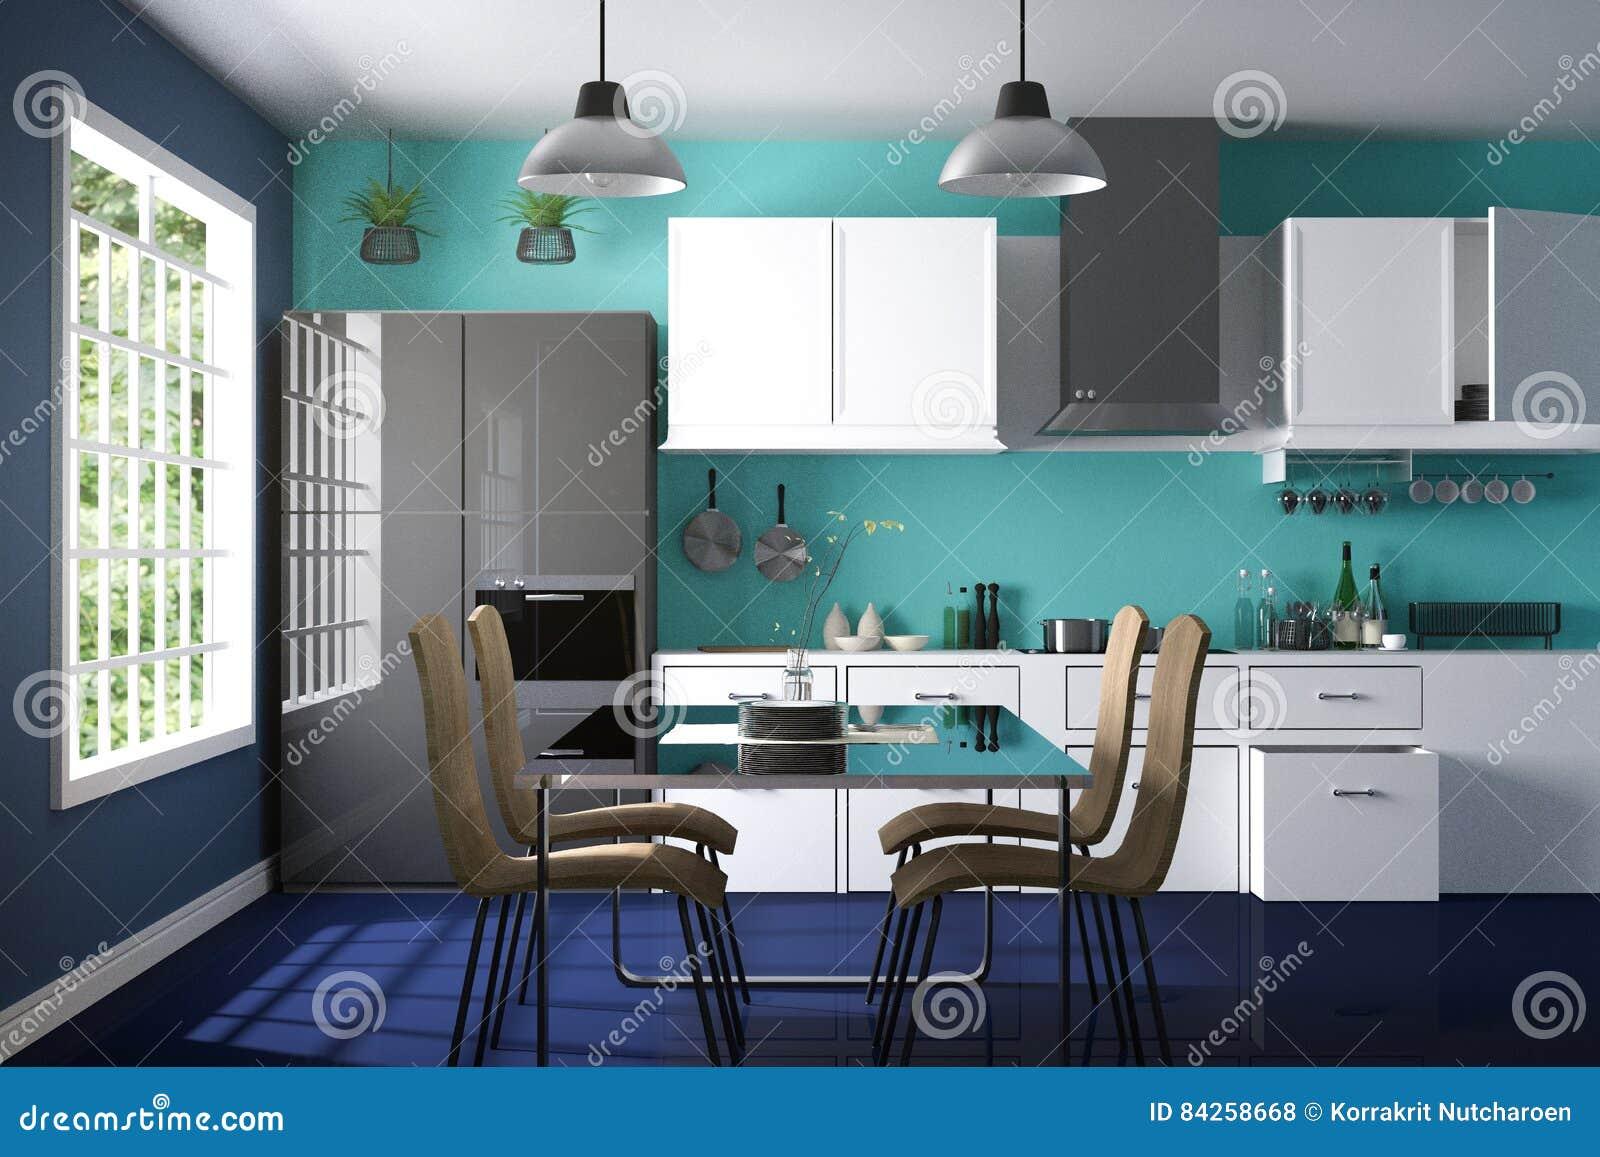 Rendi O 3d Ilustra O Da Sala Interior Da Cozinha Da Cor Moderna